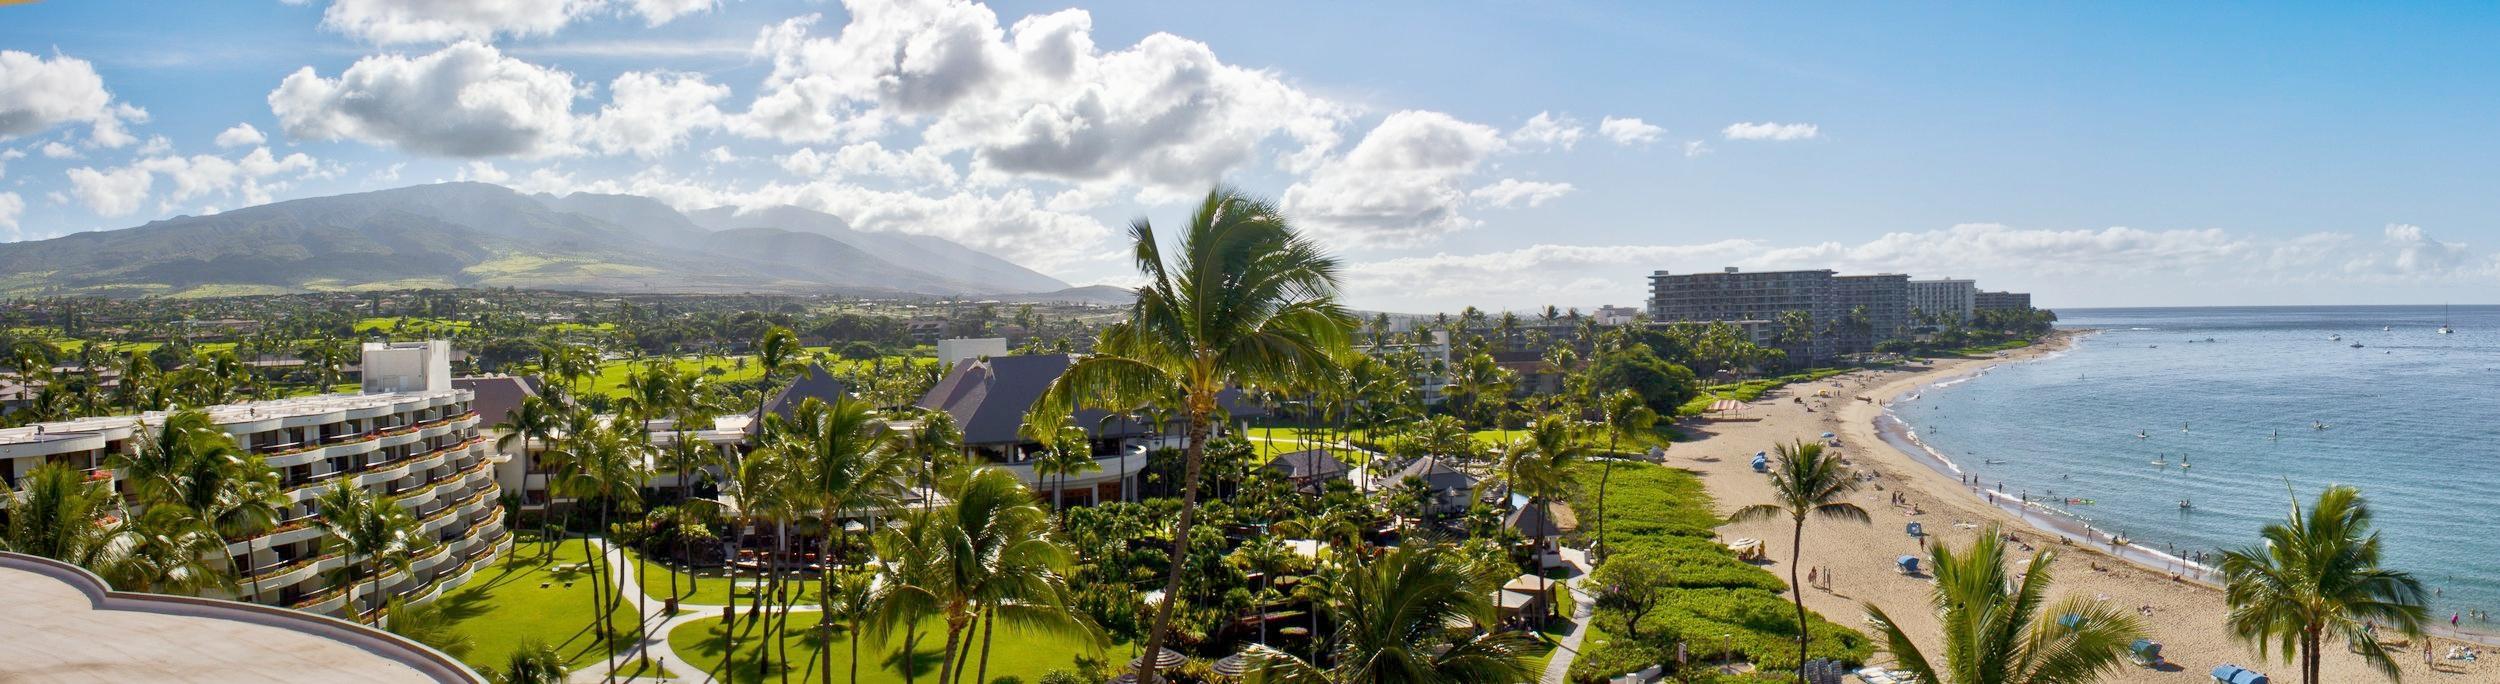 Sheraton Maui Resort Beach View.jpg